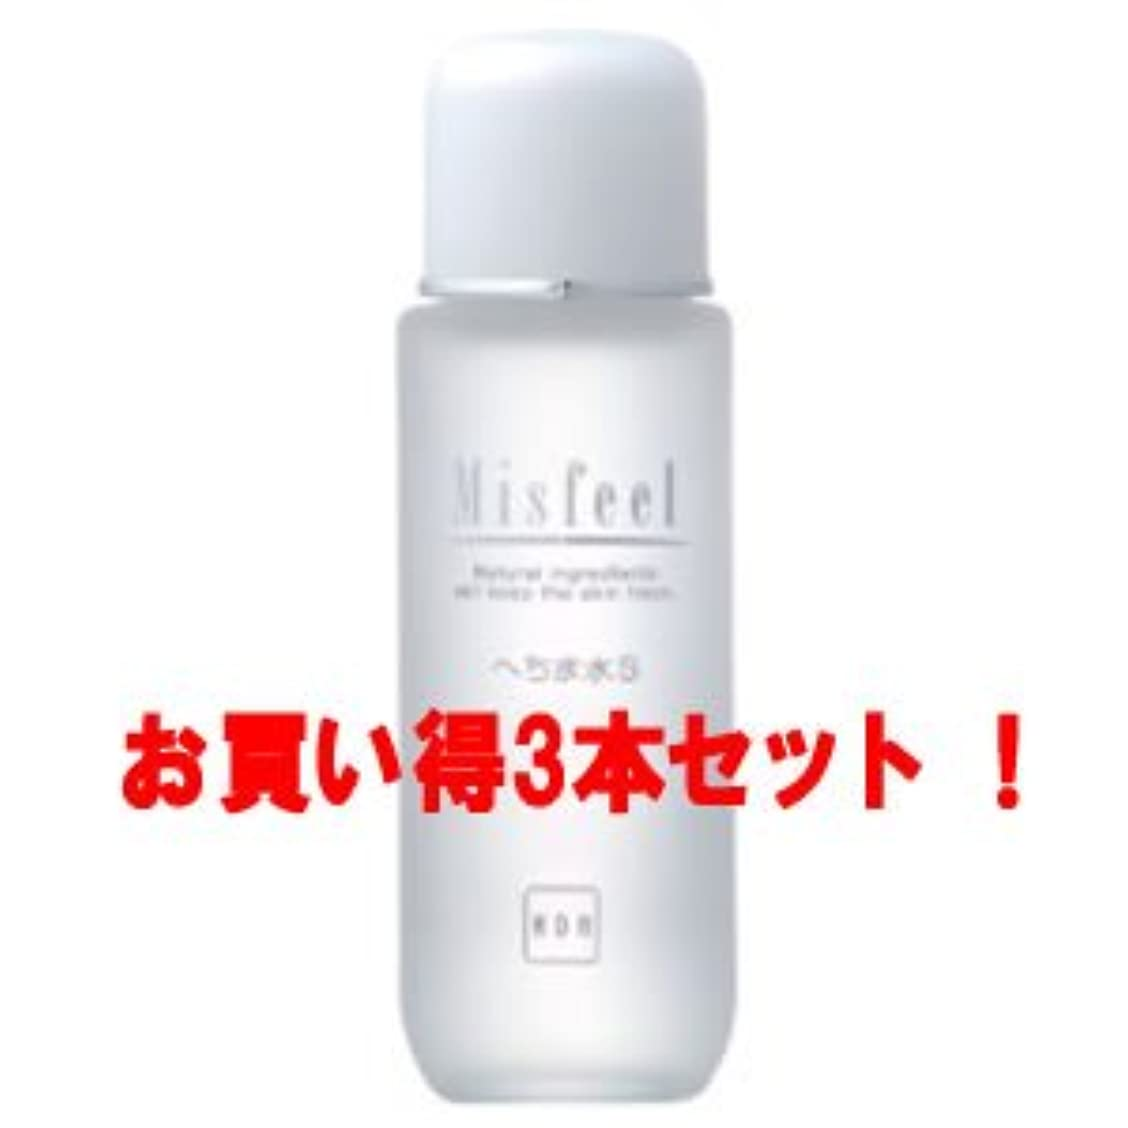 (アサバ化粧品)ミズフィール へちま水S120ml(お買い得3本セット)